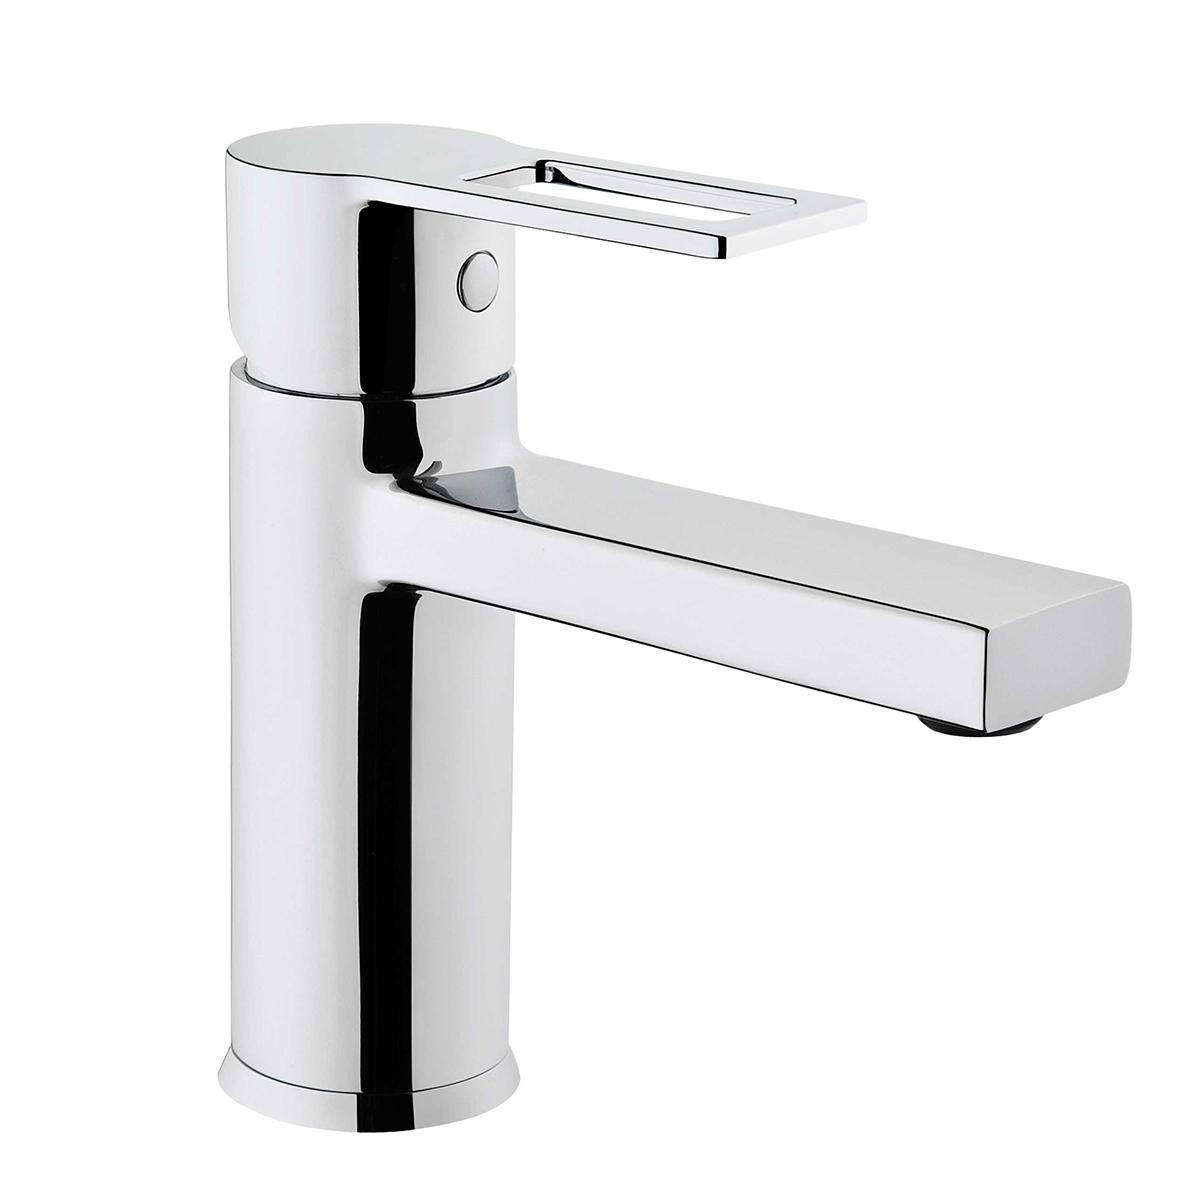 artema-city-lavabo-bataryası modelleri.jpg